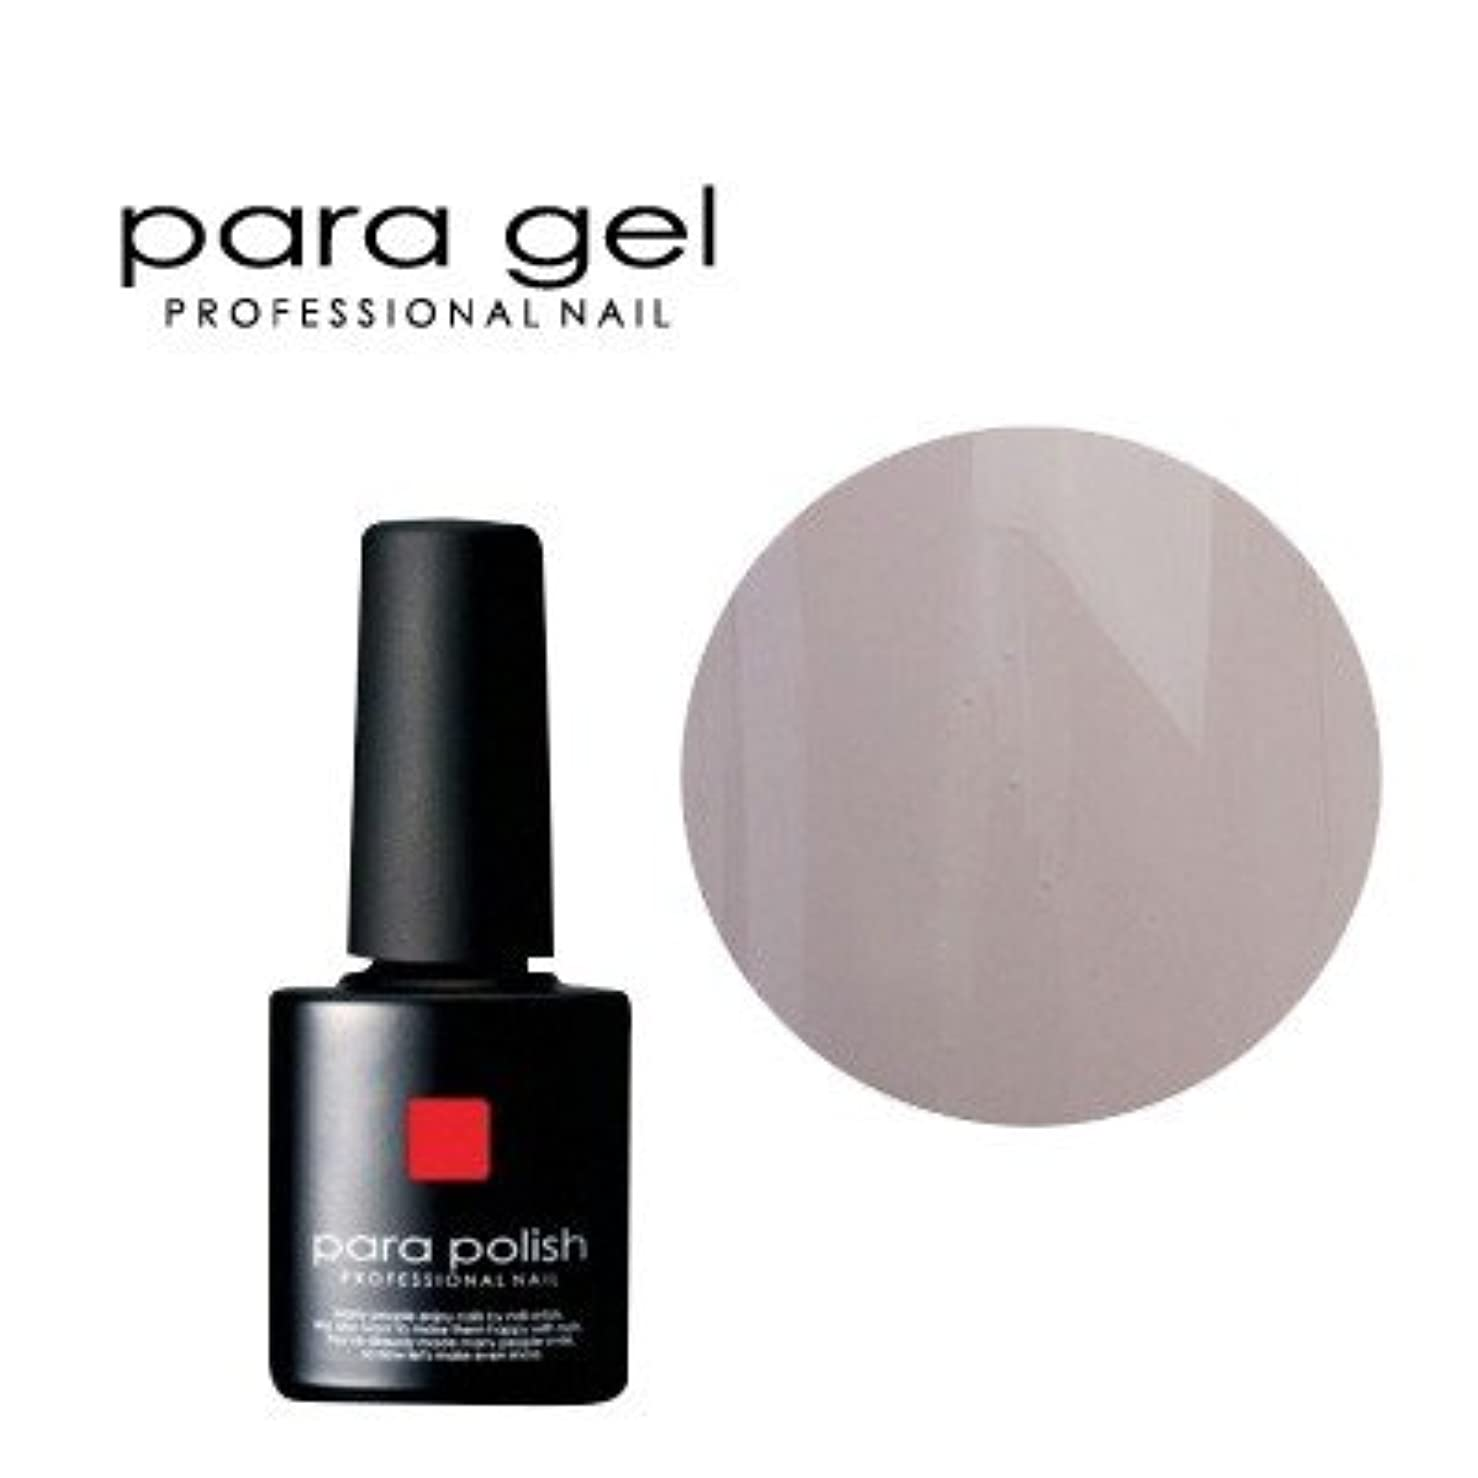 メンタリティ法律により闇パラジェル para polish(パラポリッシュ) カラージェル MD10 グレージュ 7g